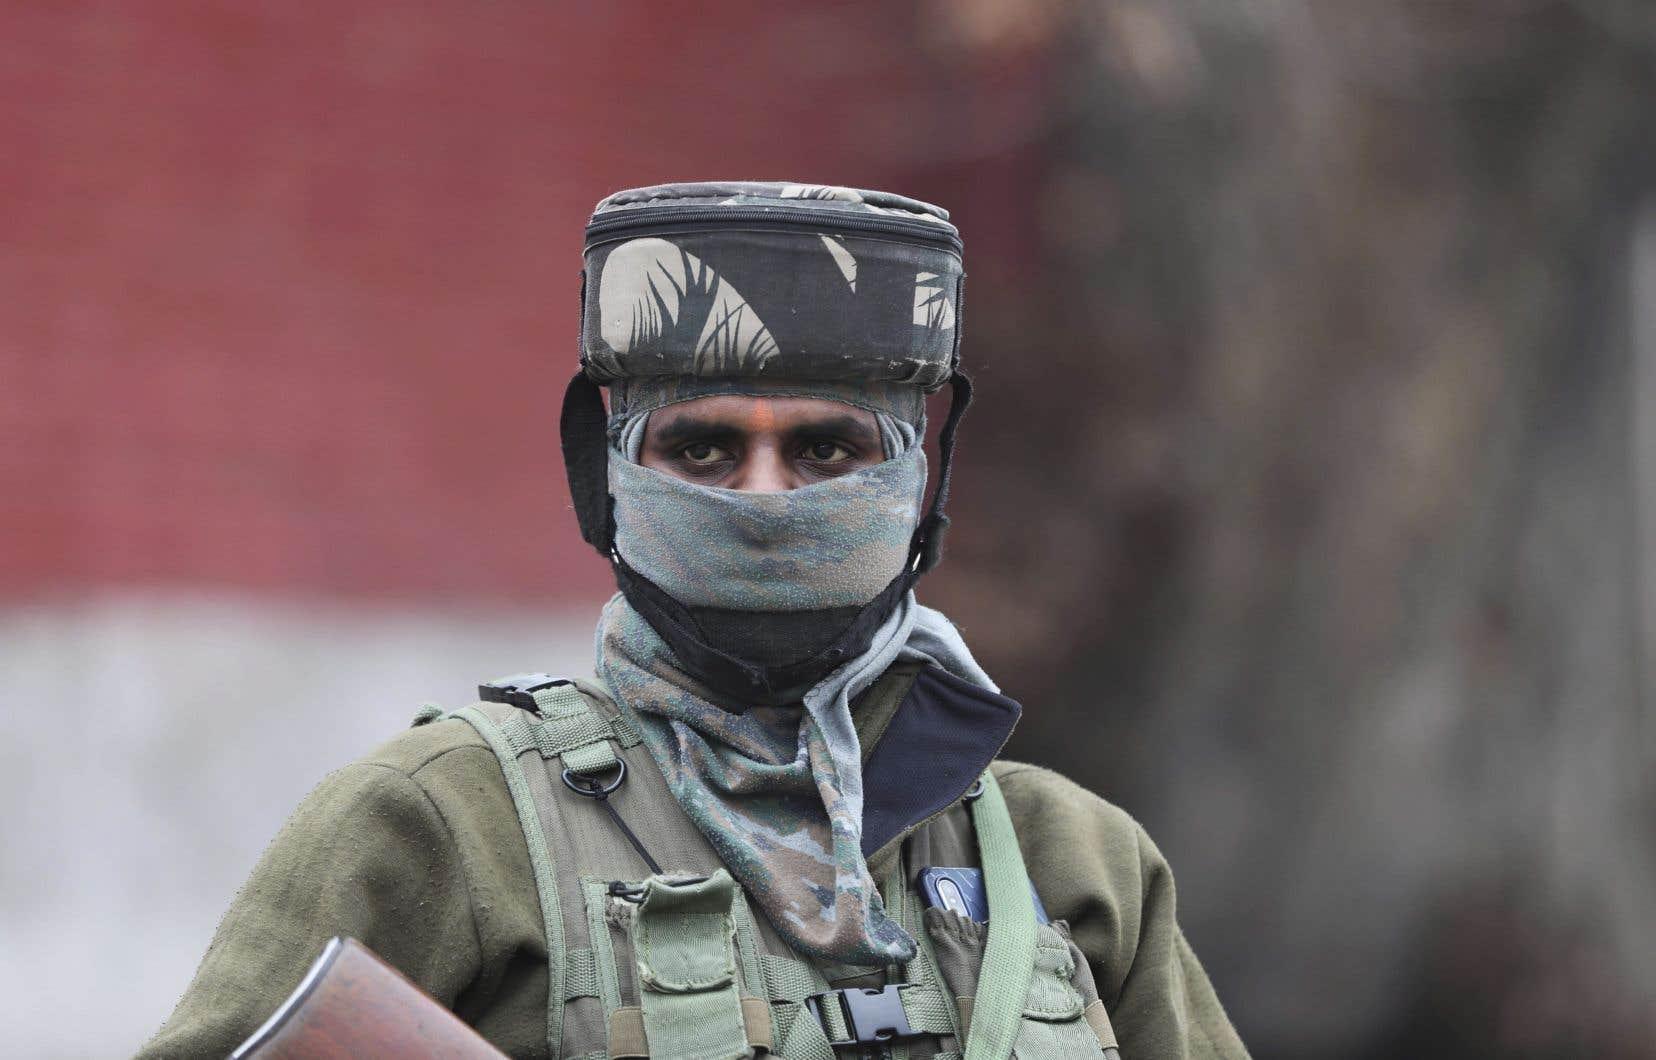 Des dizaines de milliers de soldats supplémentaires ont été envoyées dans la région pour éviter toute manifestation.